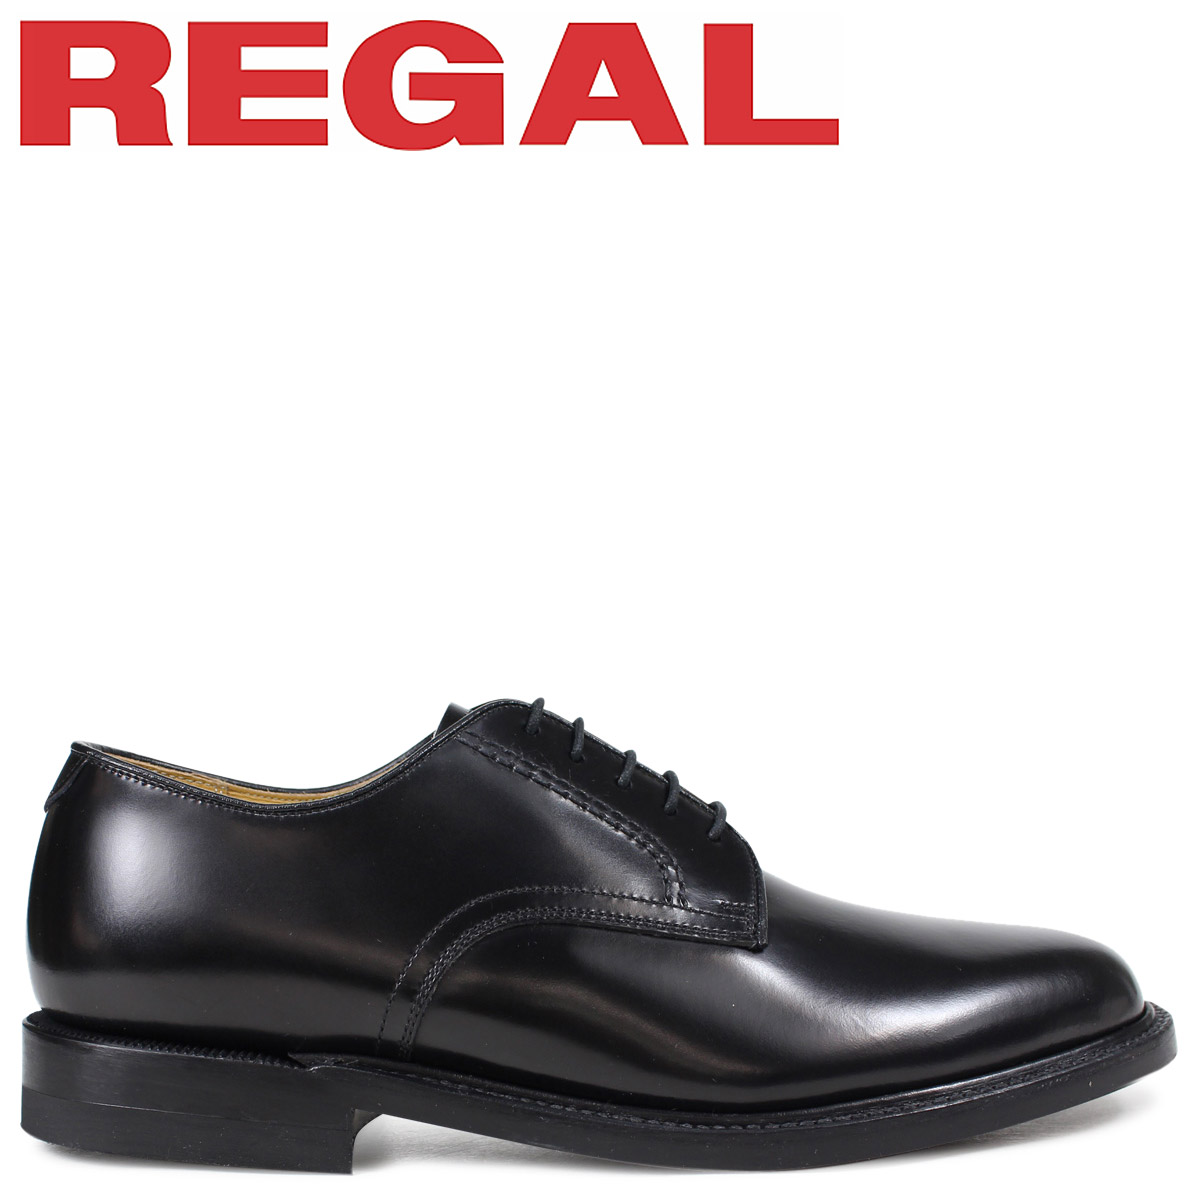 REGAL 靴 メンズ リーガル プレーントゥ ビジネスシューズ 日本製 ブラック 黒 2504NA